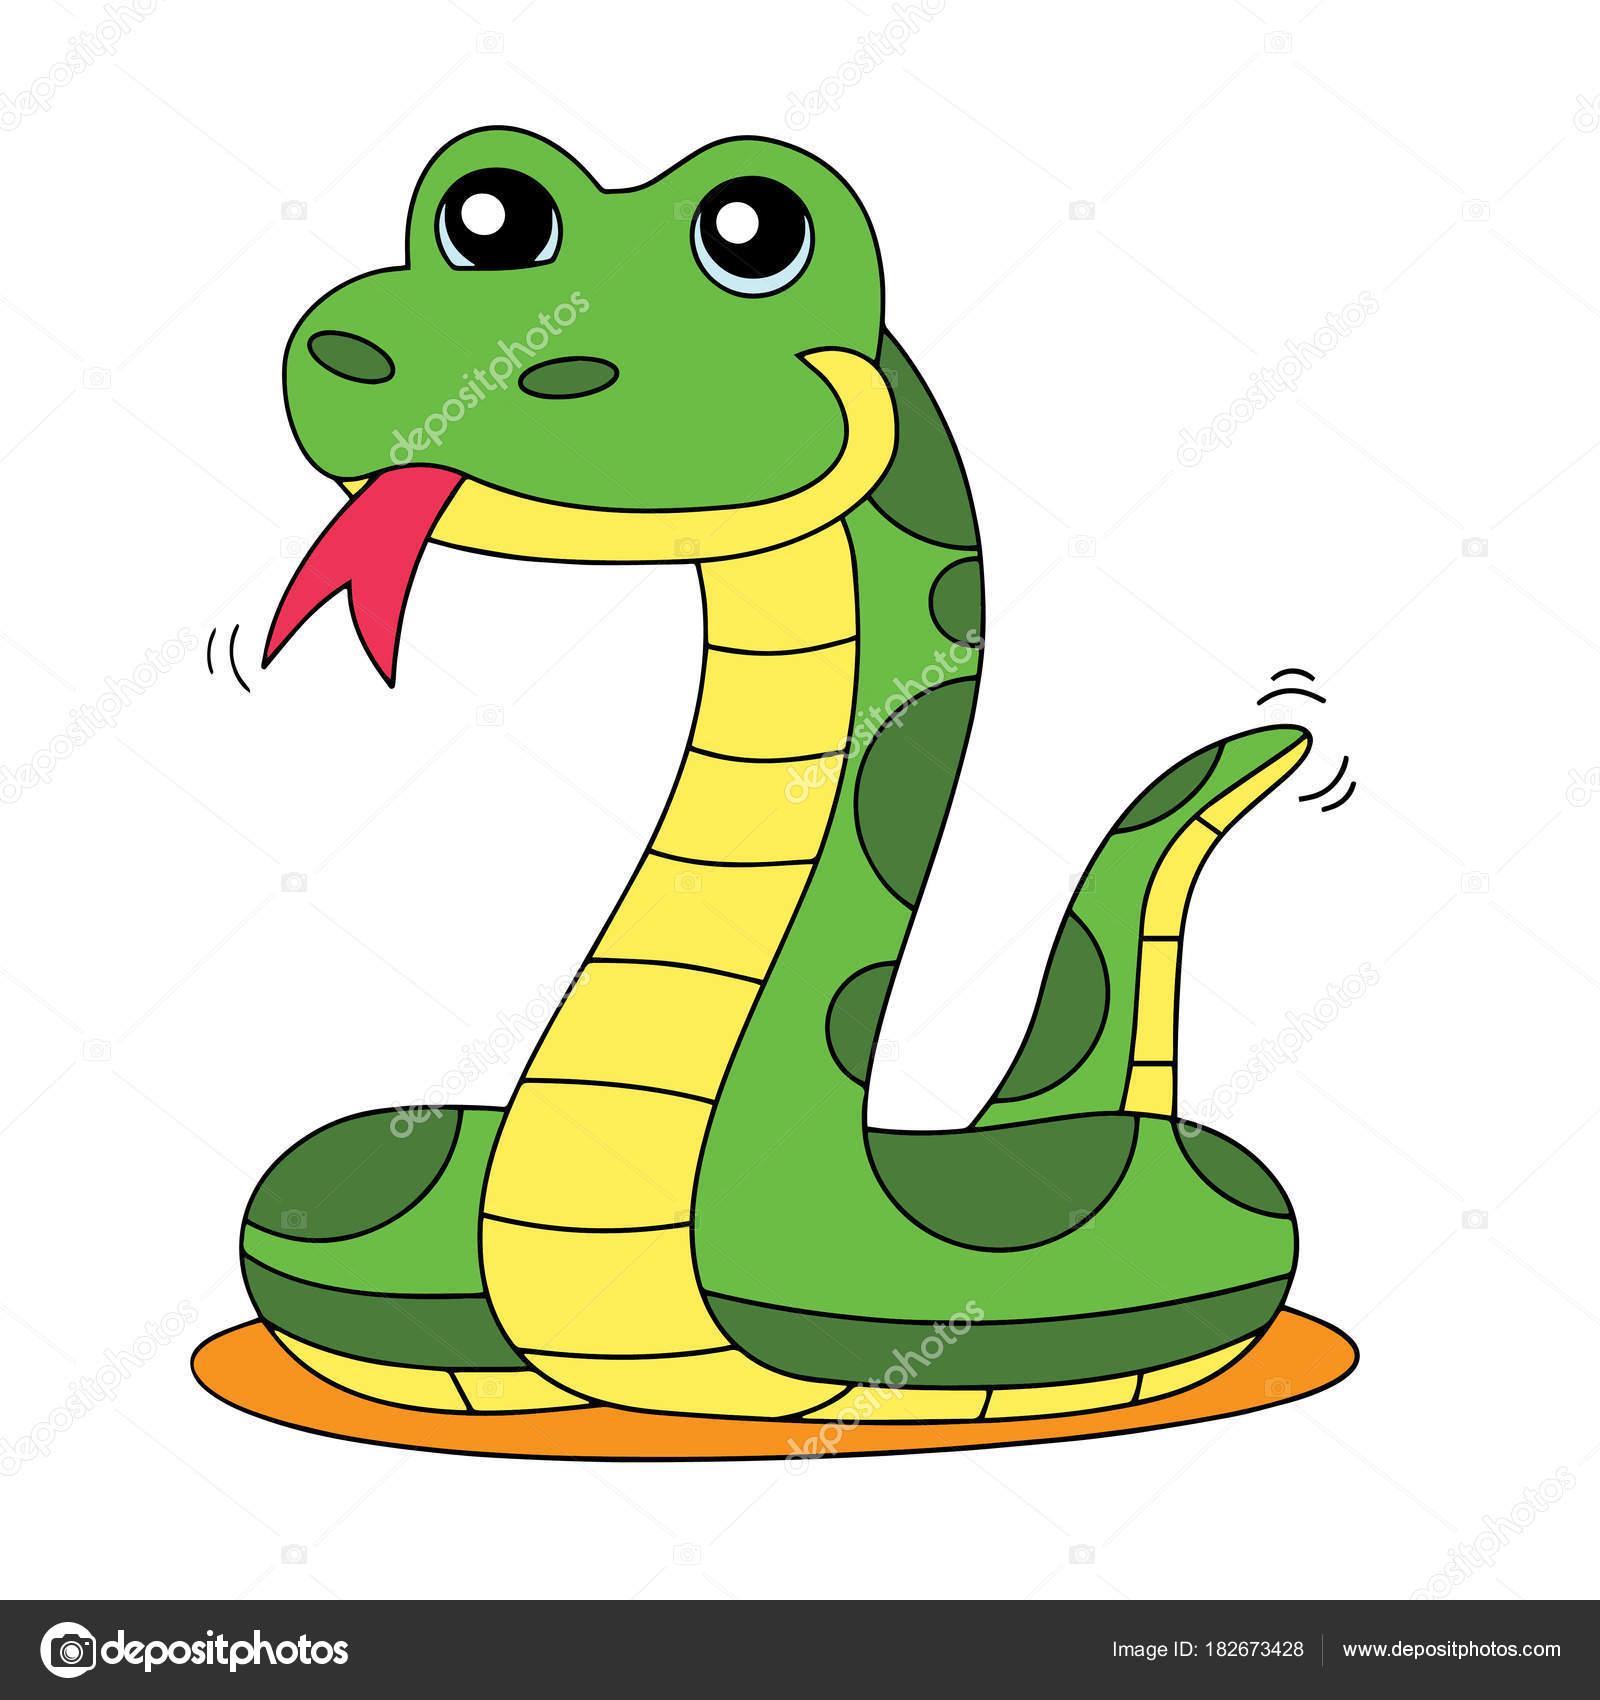 Dibujos Serpiente Dibujo Color Estampados Serpiente Dibujos